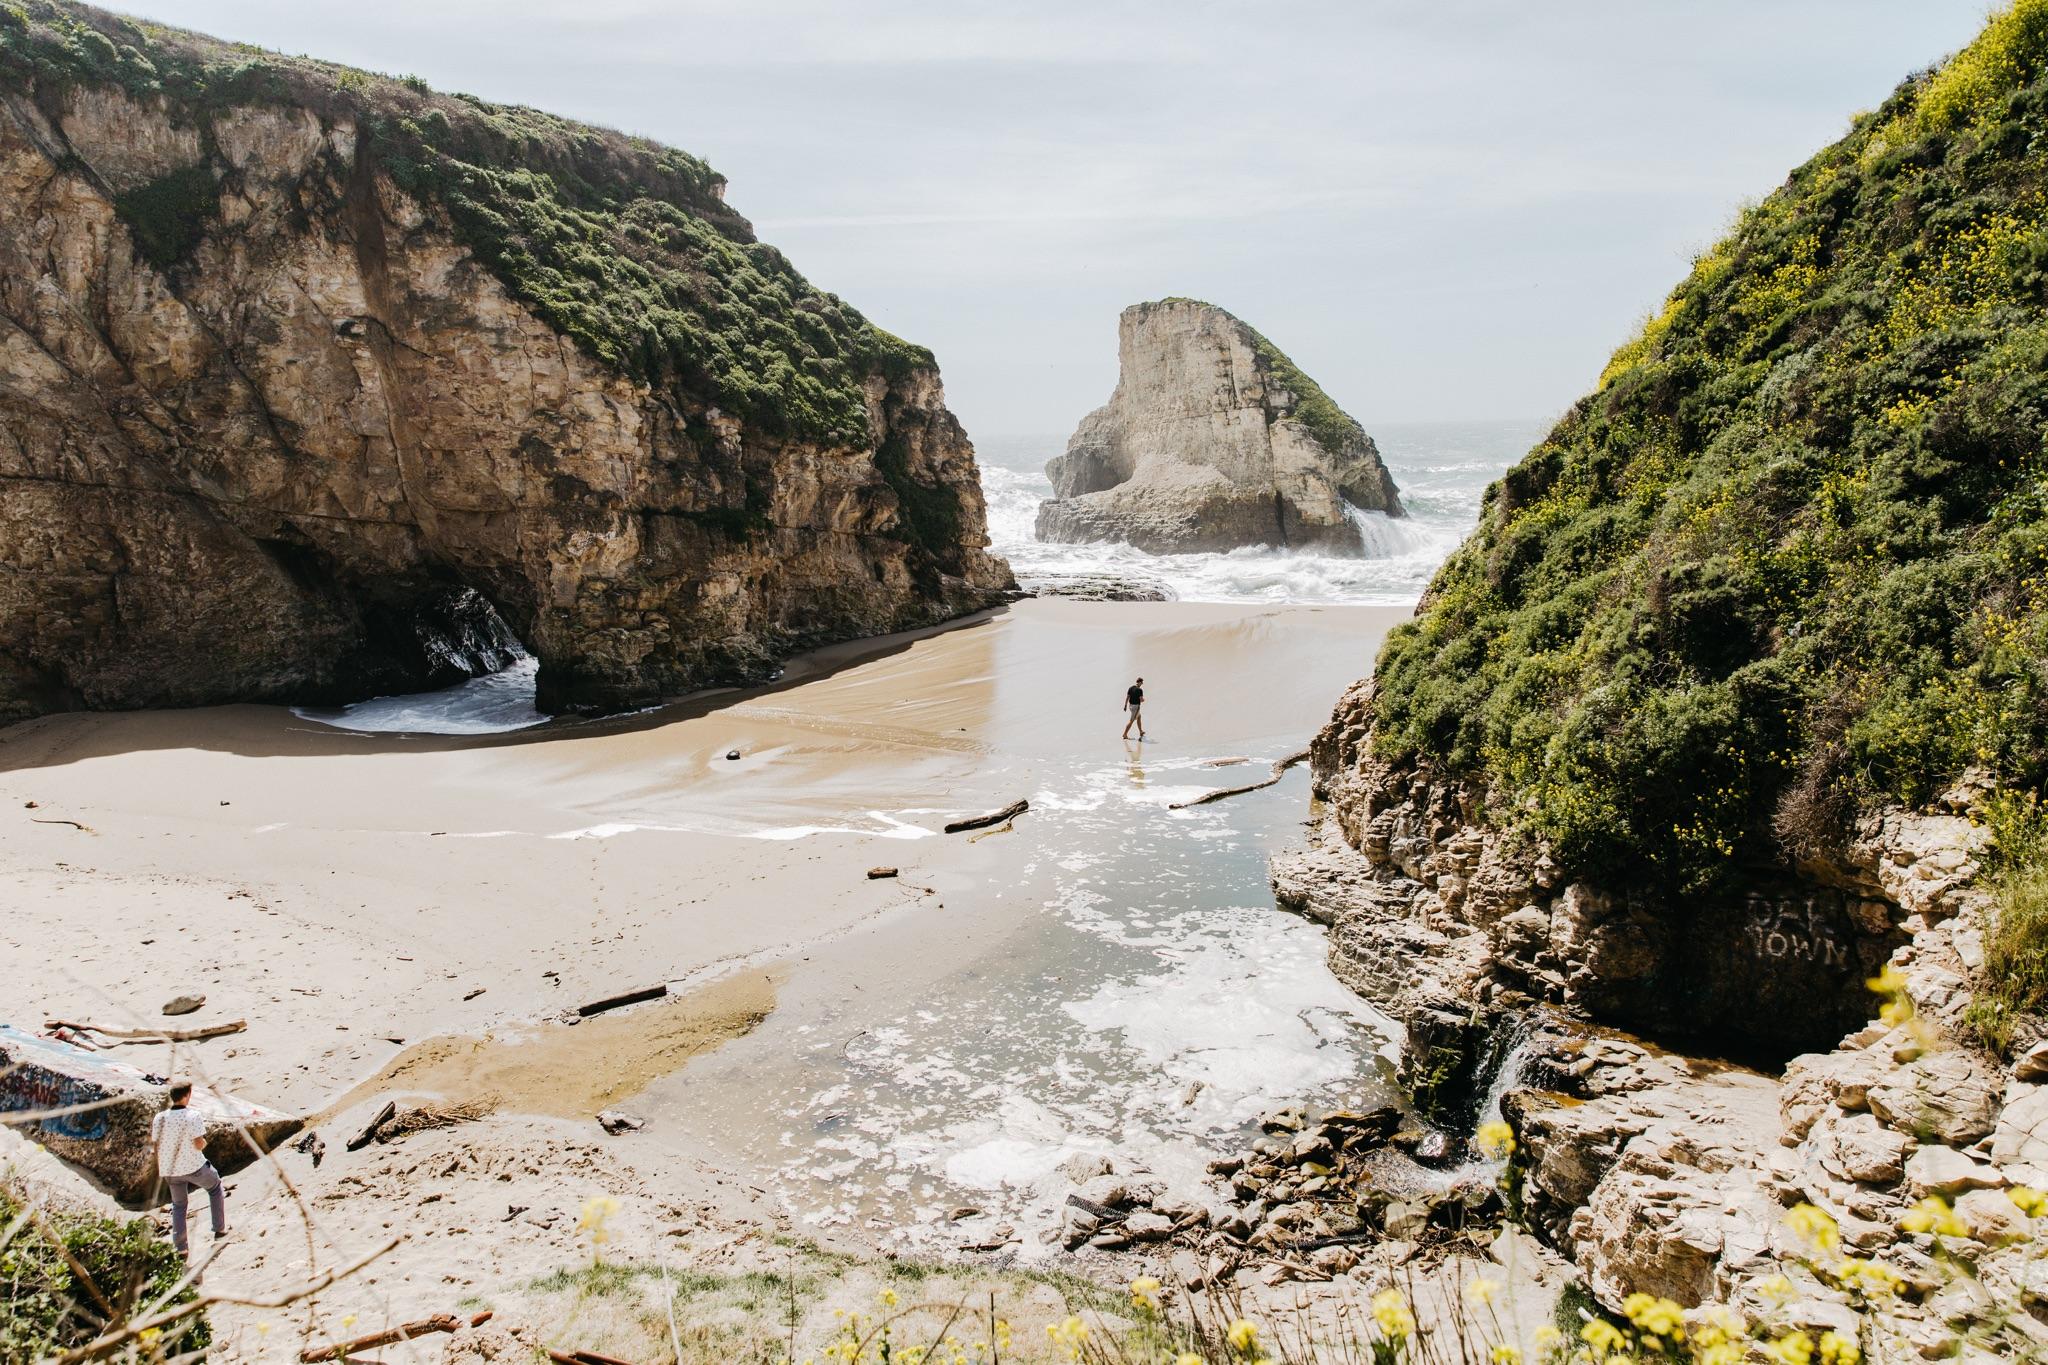 Shark Fin Cove - Santa Cruz, California